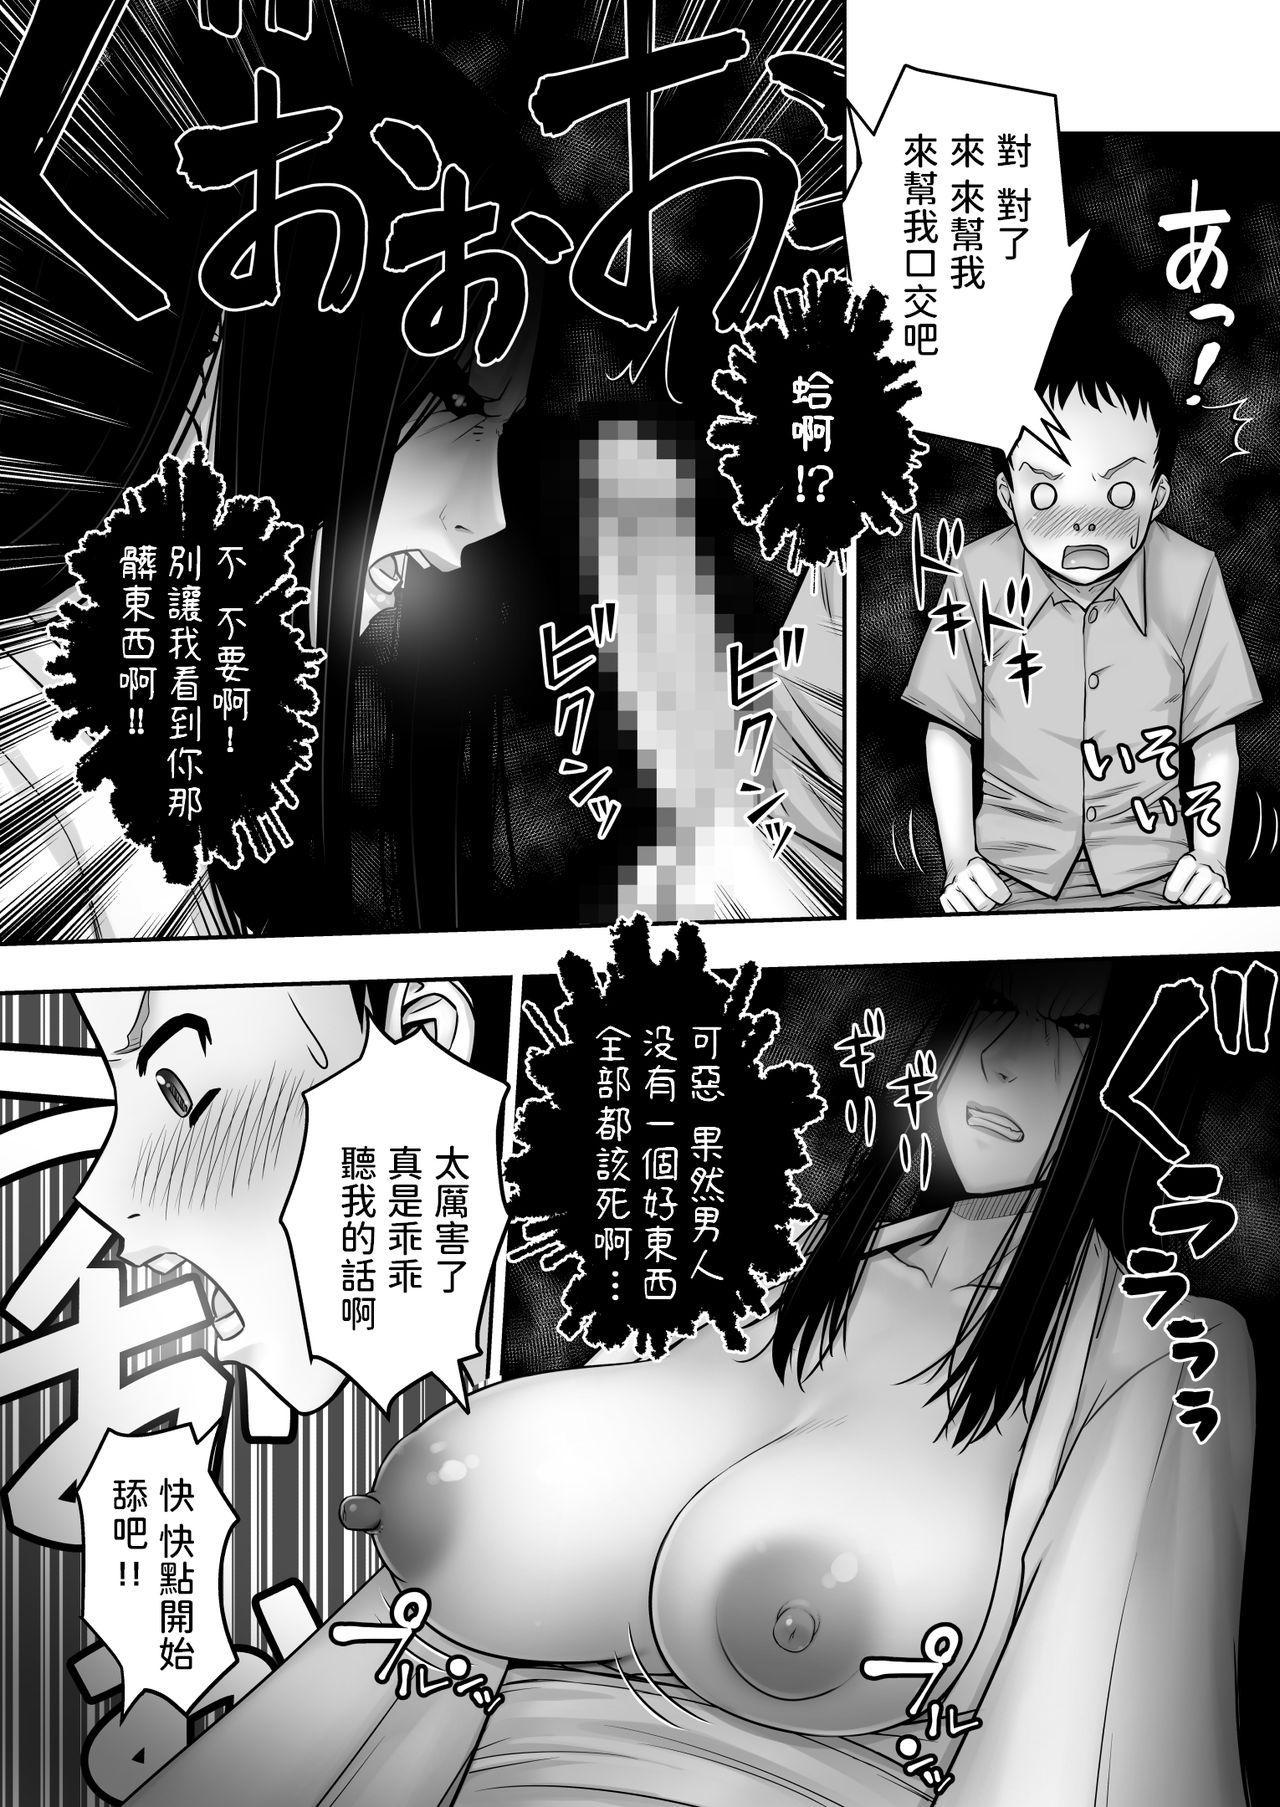 Doutei ga Heya ni Toritsuite Iru Onna Yuurei ni Gyaku Kanashibari o Kaketa Kekka 15